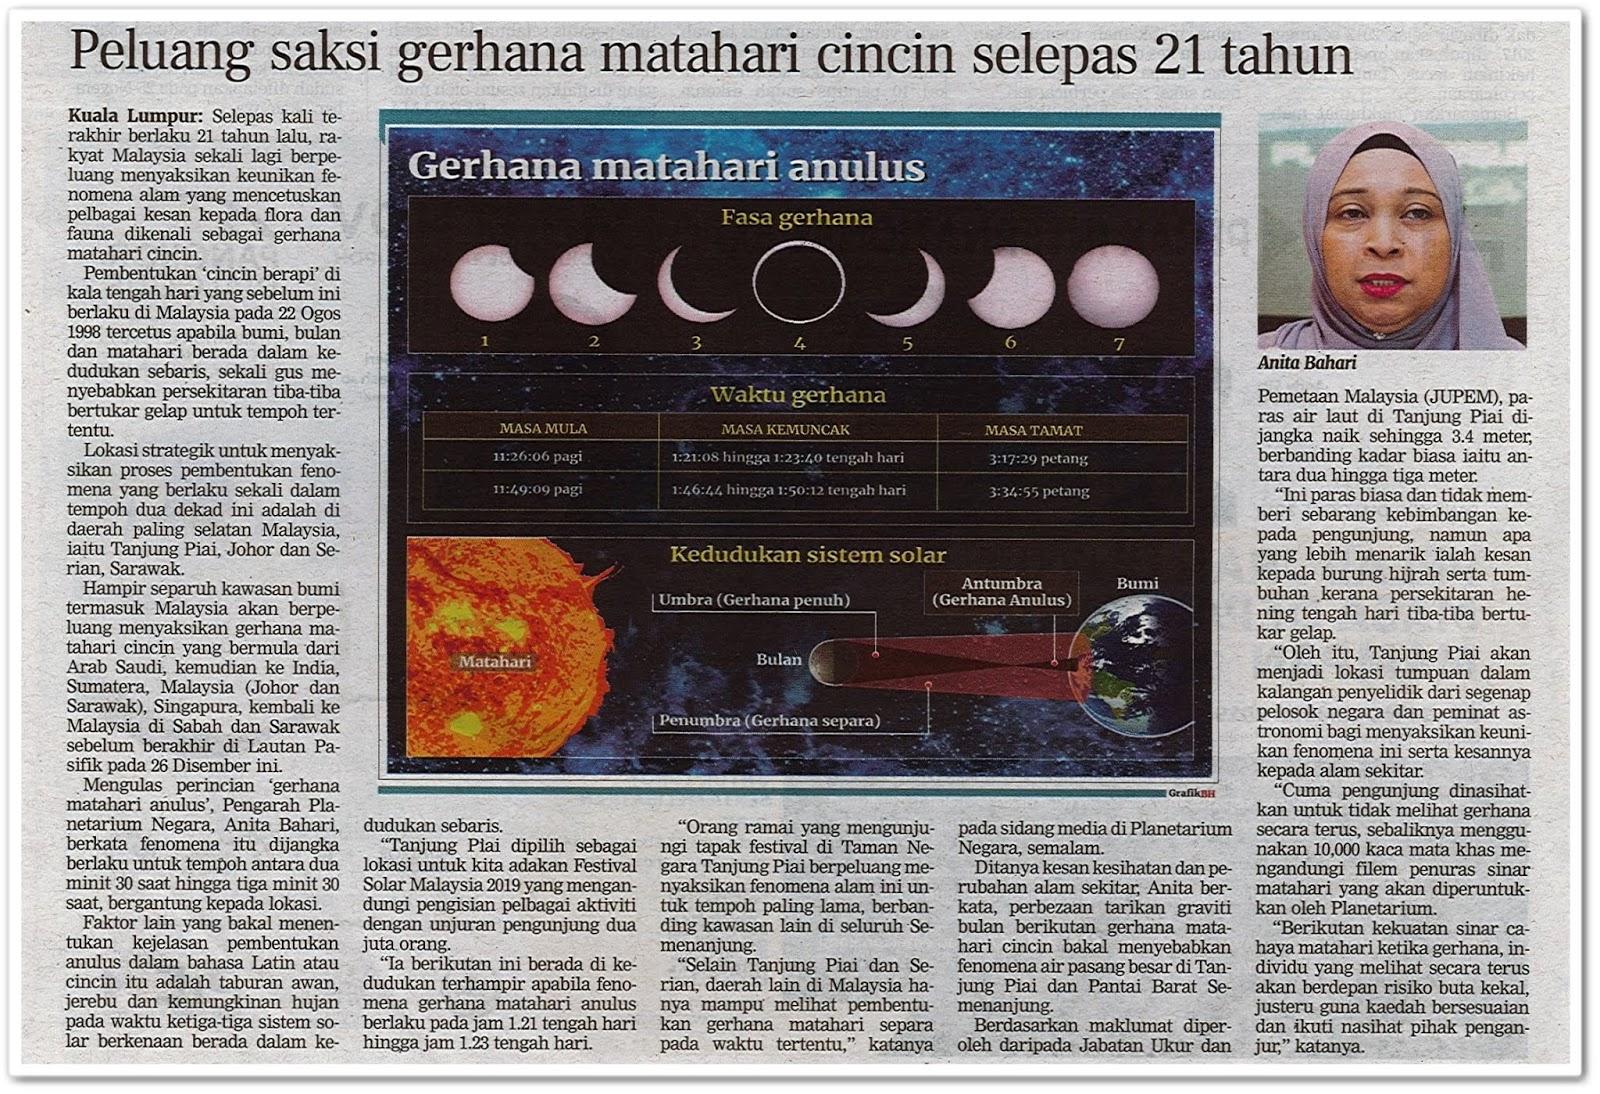 Peluang saksi gerhana matahari cincin selepas 21 tahun - Keratan akhbar Berita Harian 5 November 2019